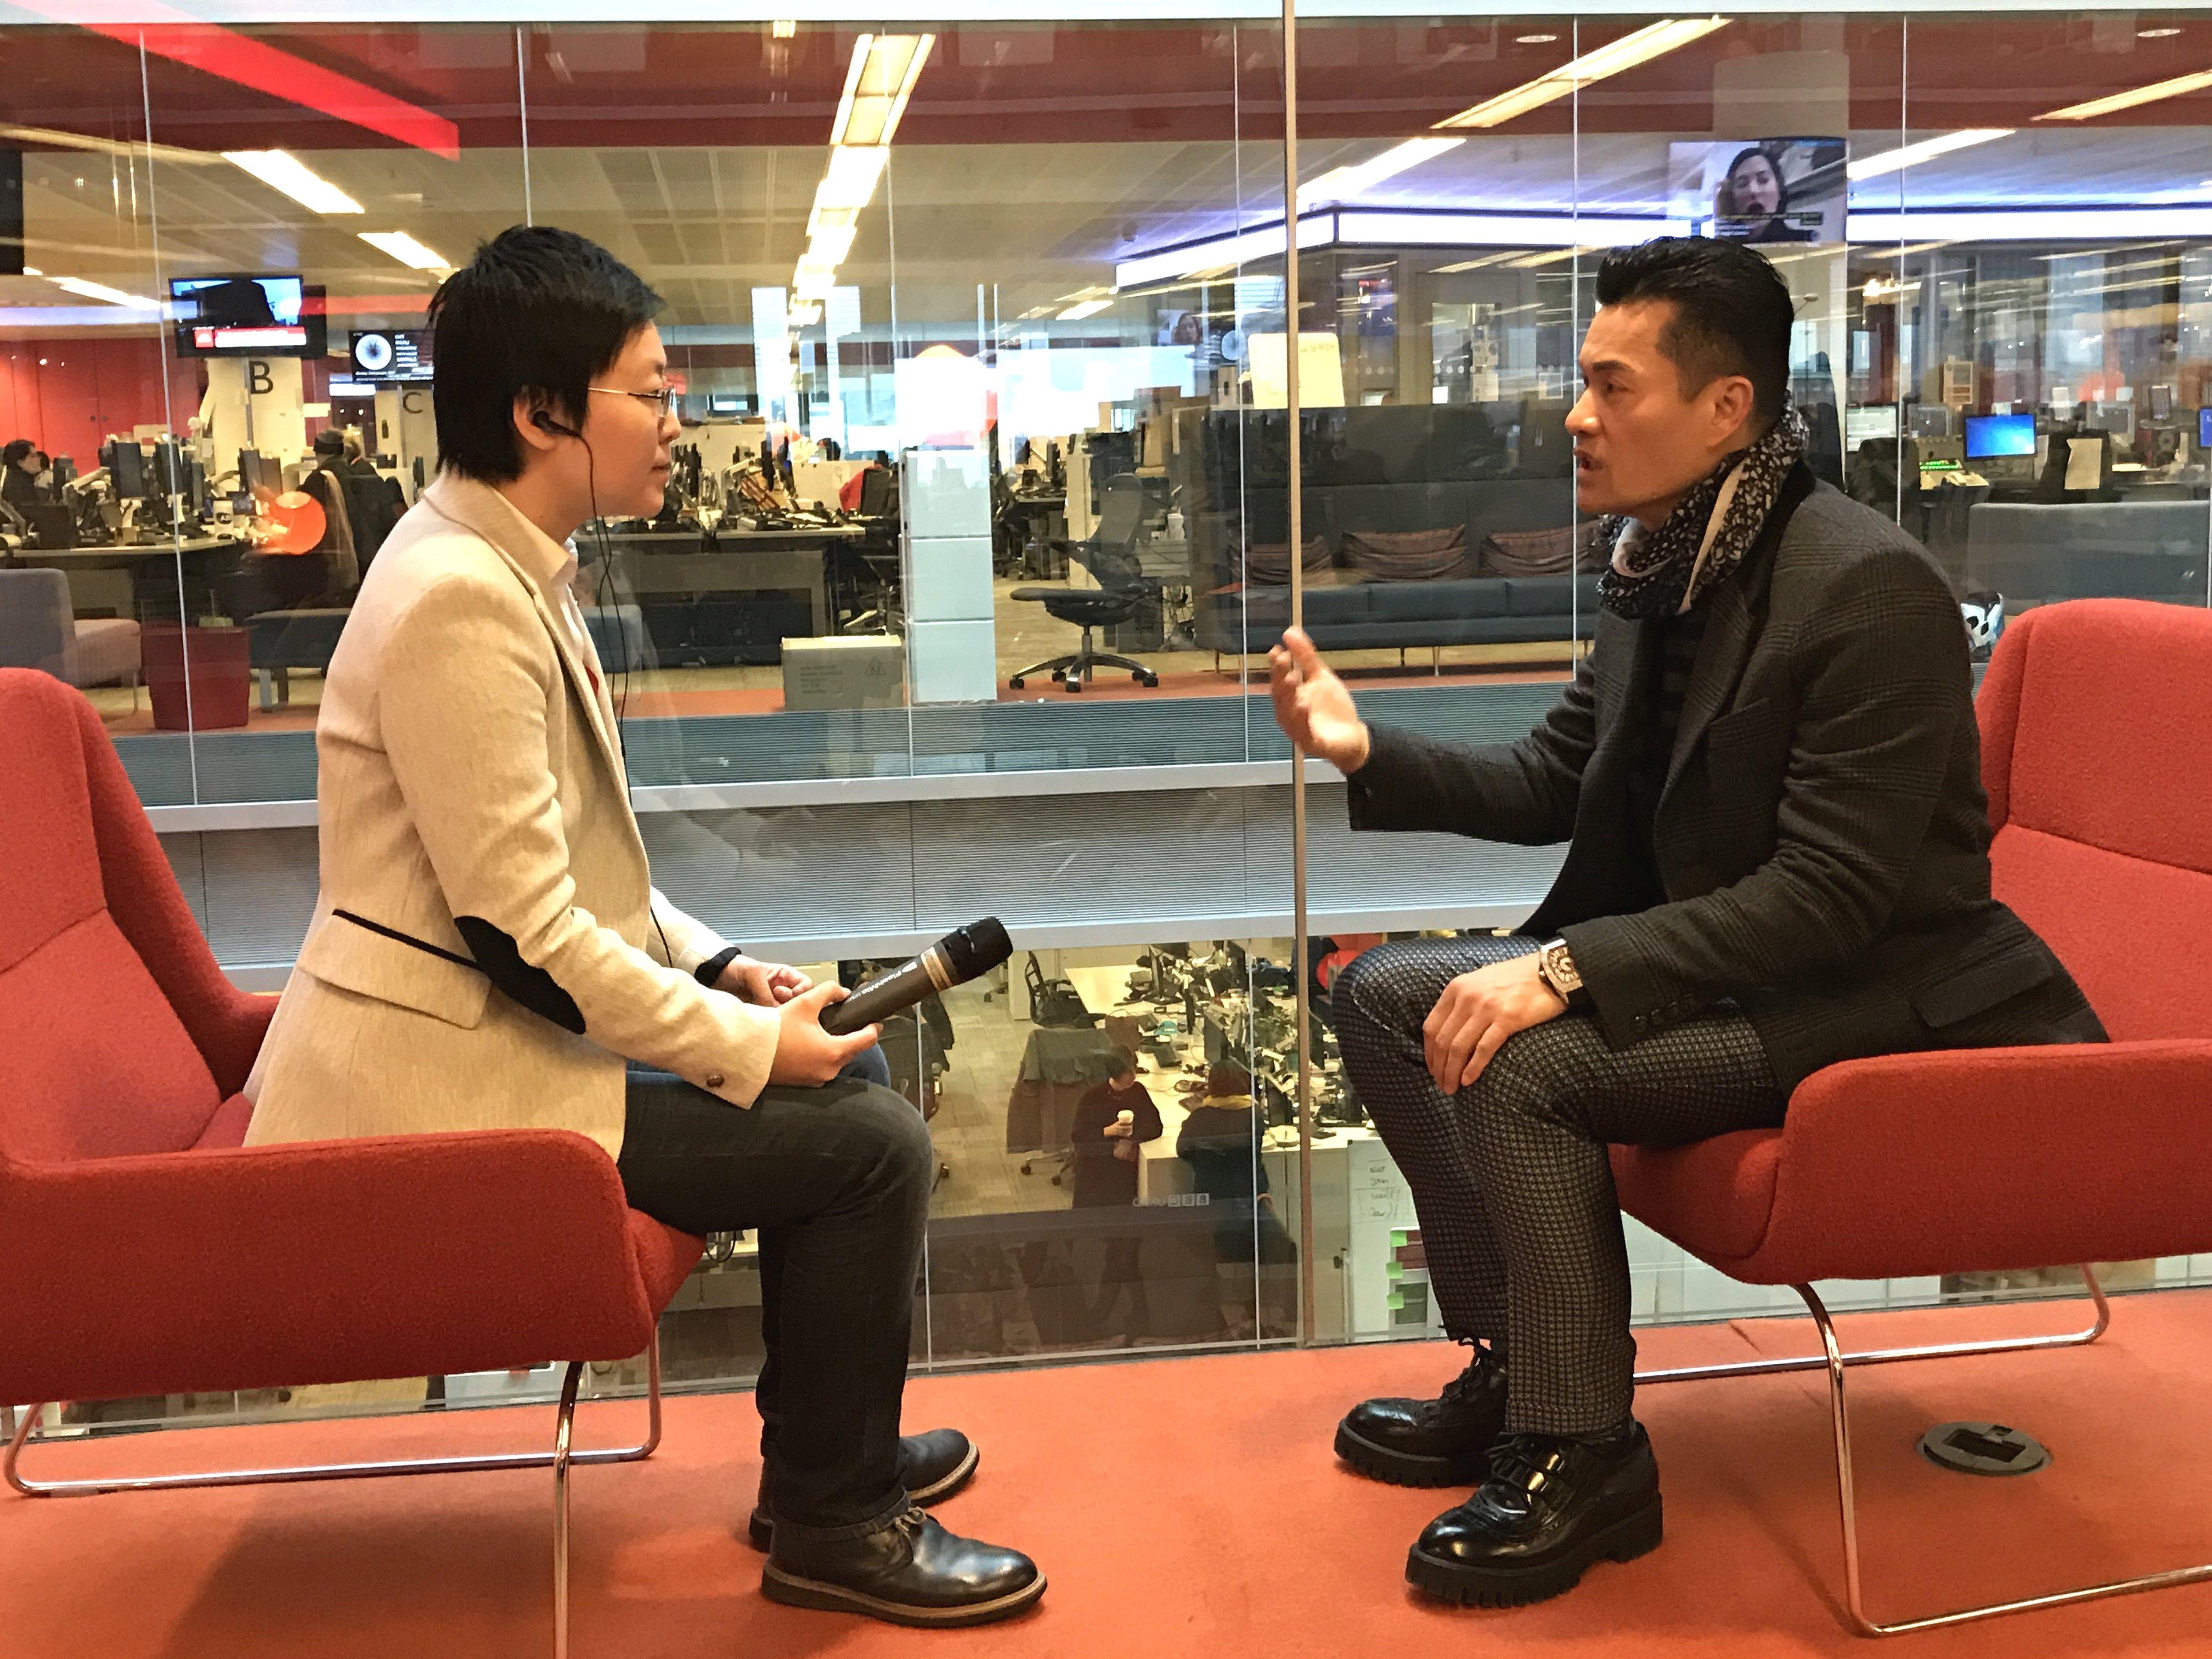 独家专访吕良伟:港府与民众之间应多沟通